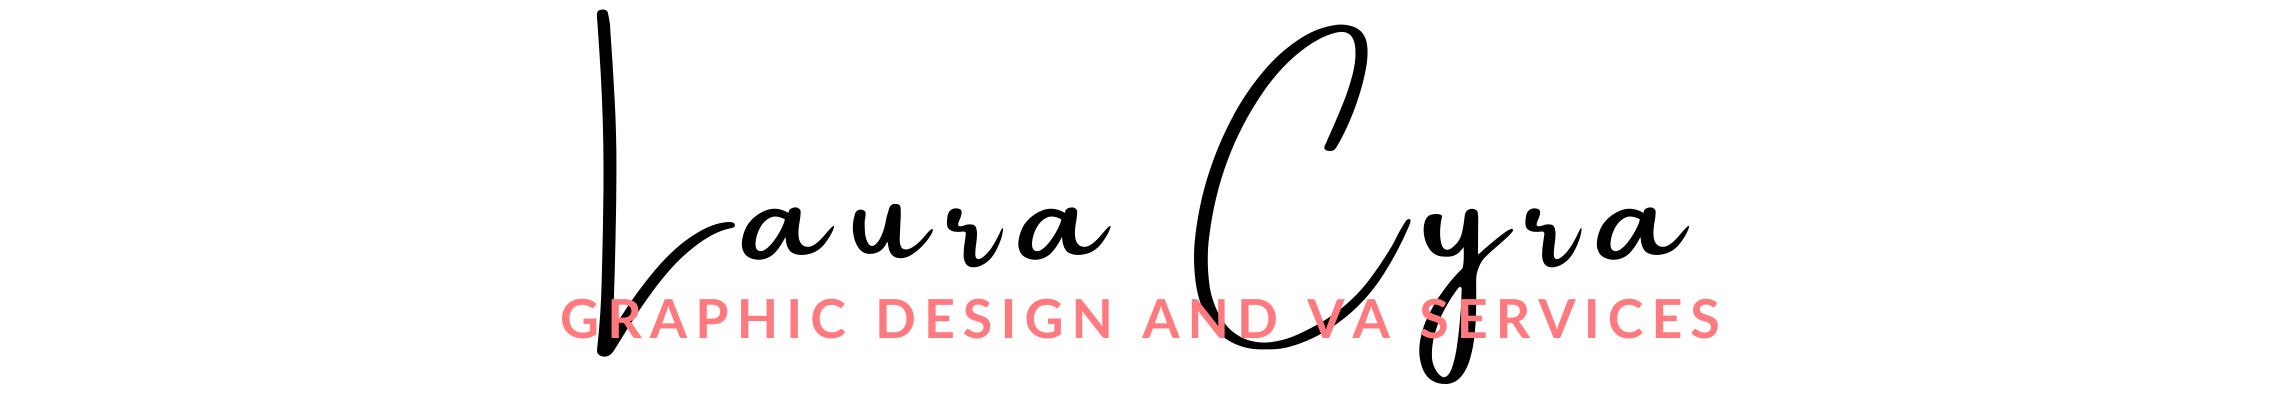 Laura Cyra Header Logo